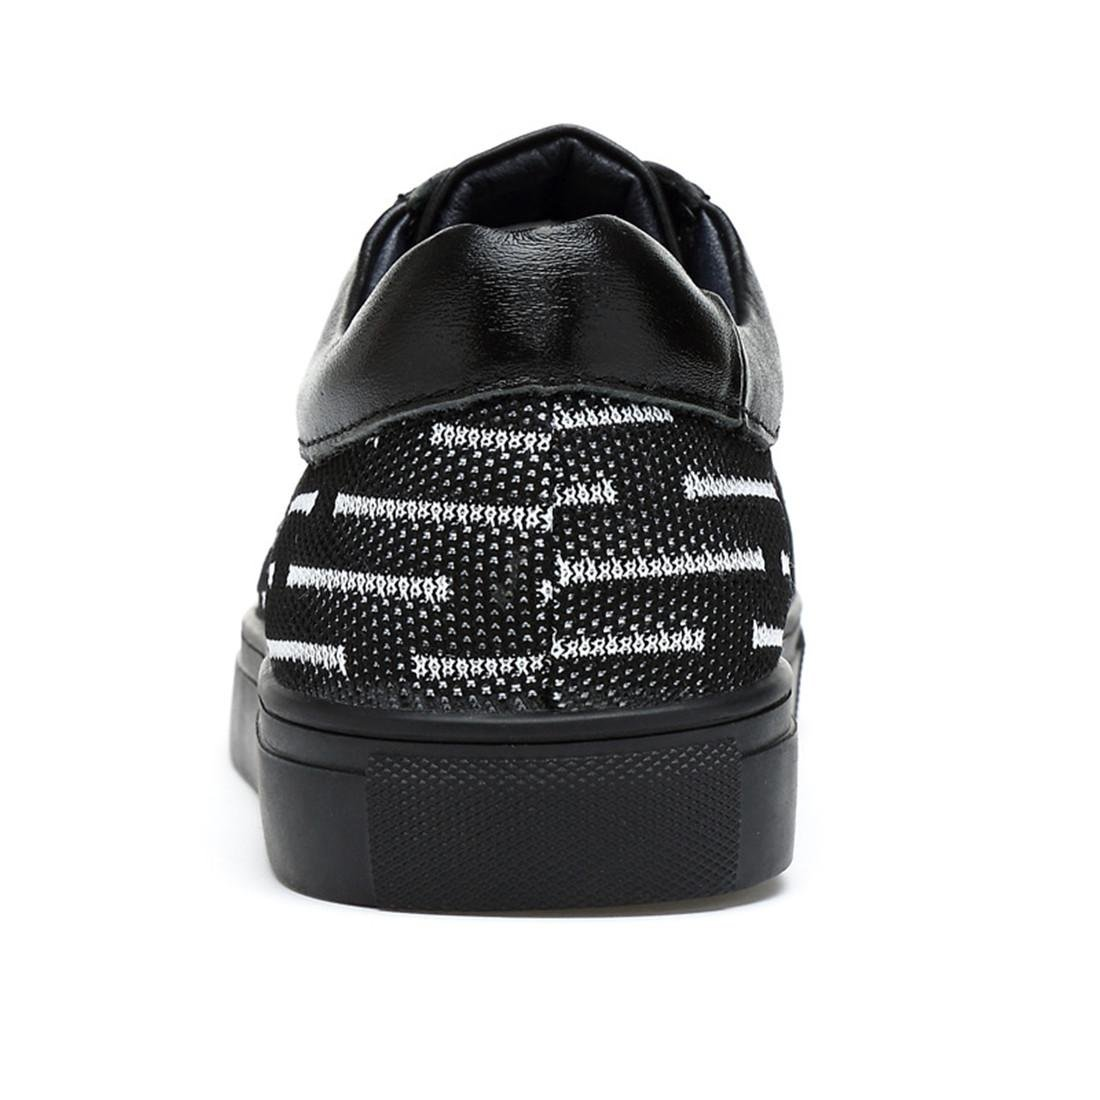 Herren Rutschfest Flache Schuhe Ausbildung Ausbildung Ausbildung Sportschuhe Baumwollschuhe Laufschuhe Atmungsaktiv EUR GRÖSSE 39-45 4ef3d6